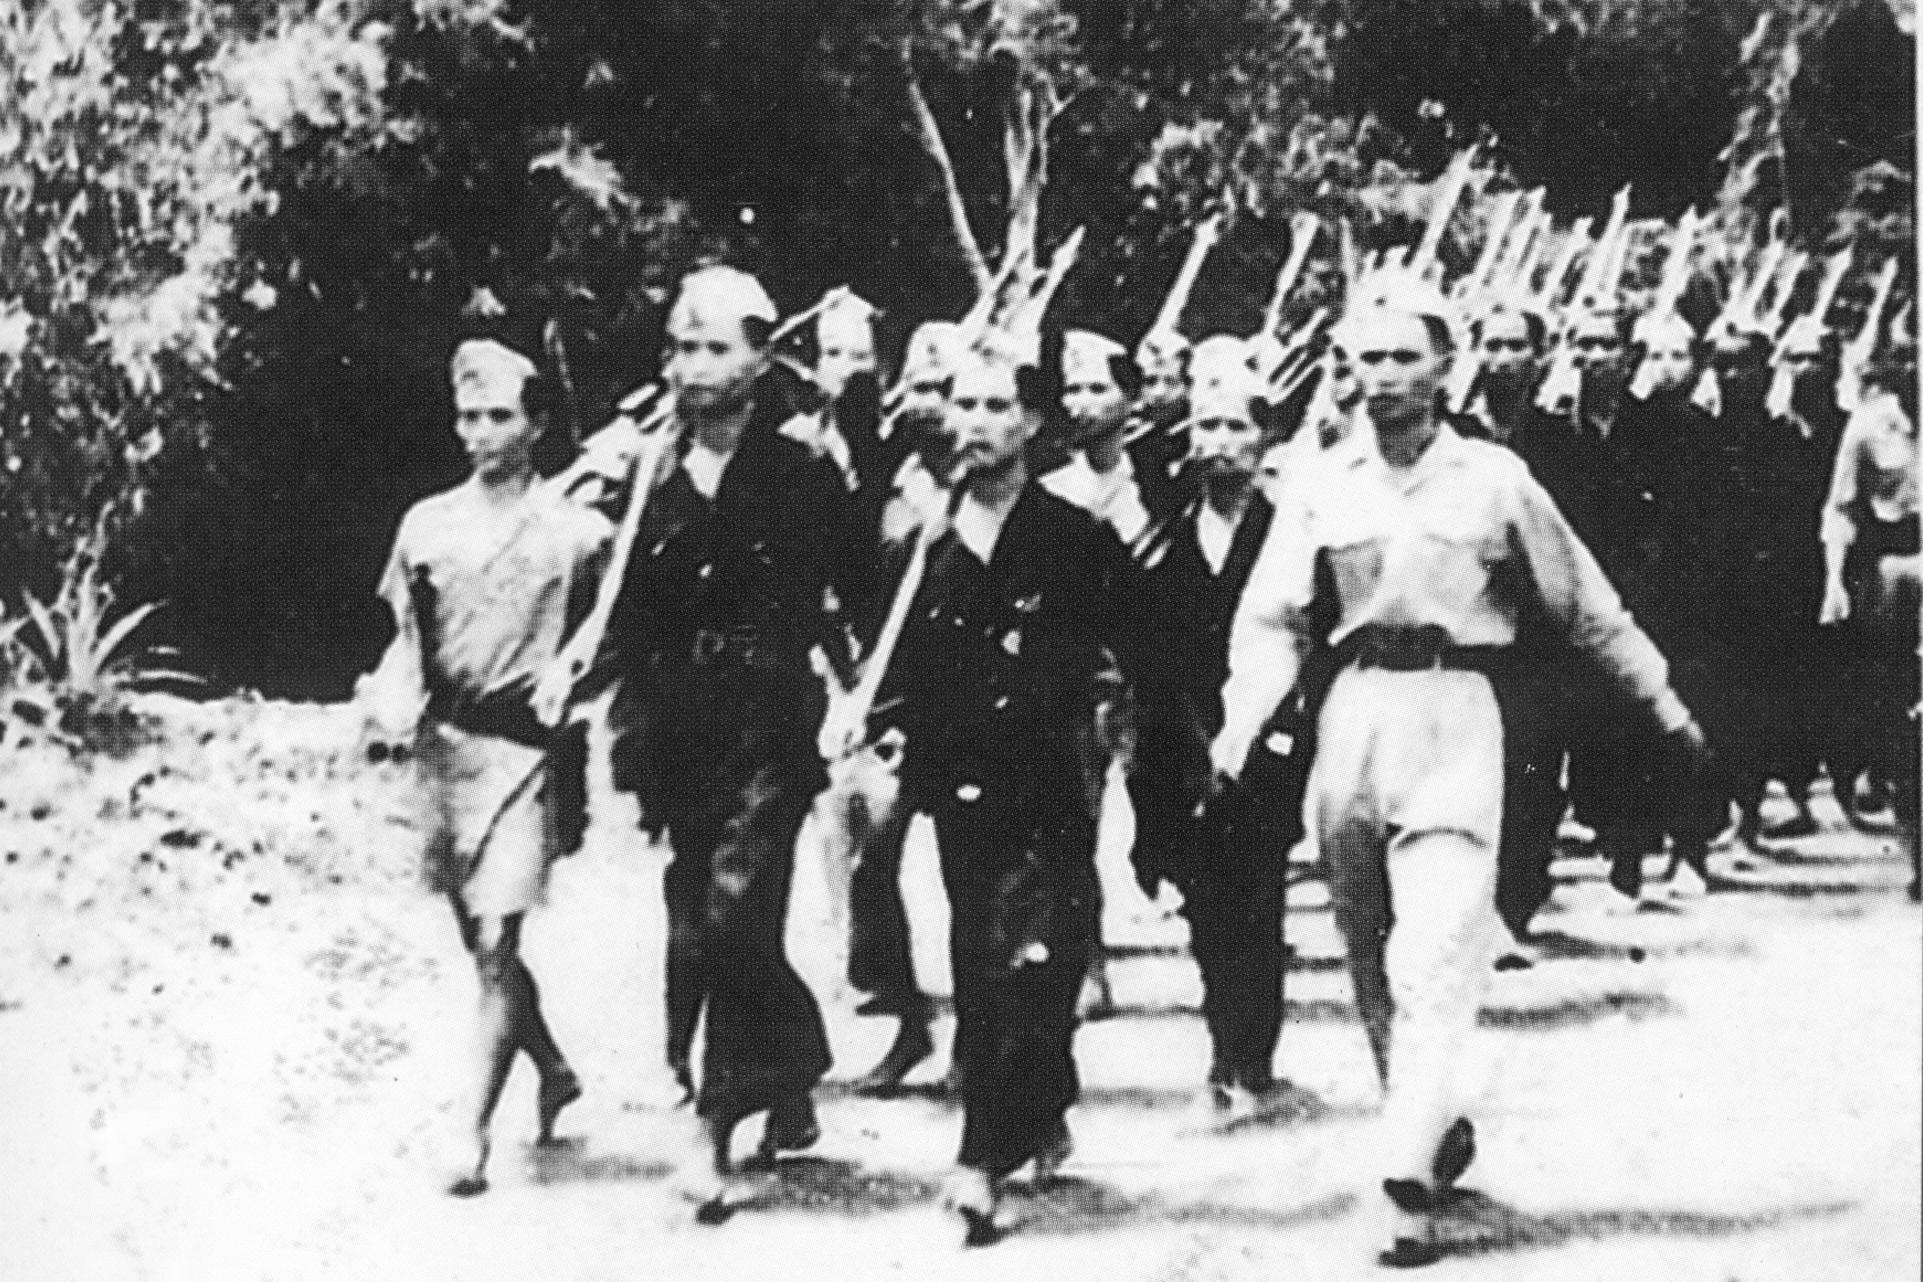 Điện ảnh Việt Nam trong thời kỳ kháng chiến chống Pháp